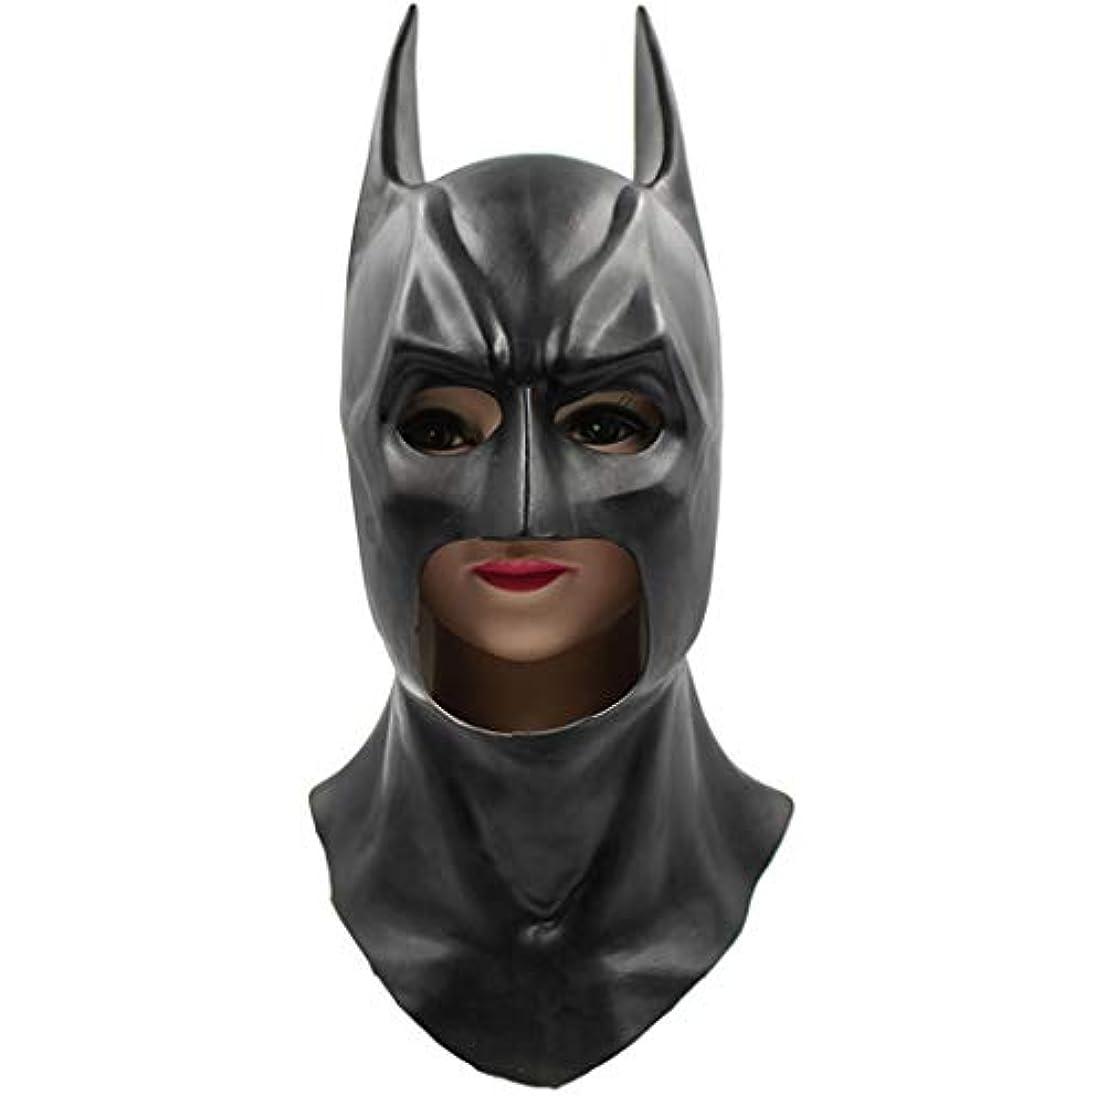 の間にメダリスト不正直バットマンマスクパーティーダンス小道具卸売ハロウィンラテックス玩具